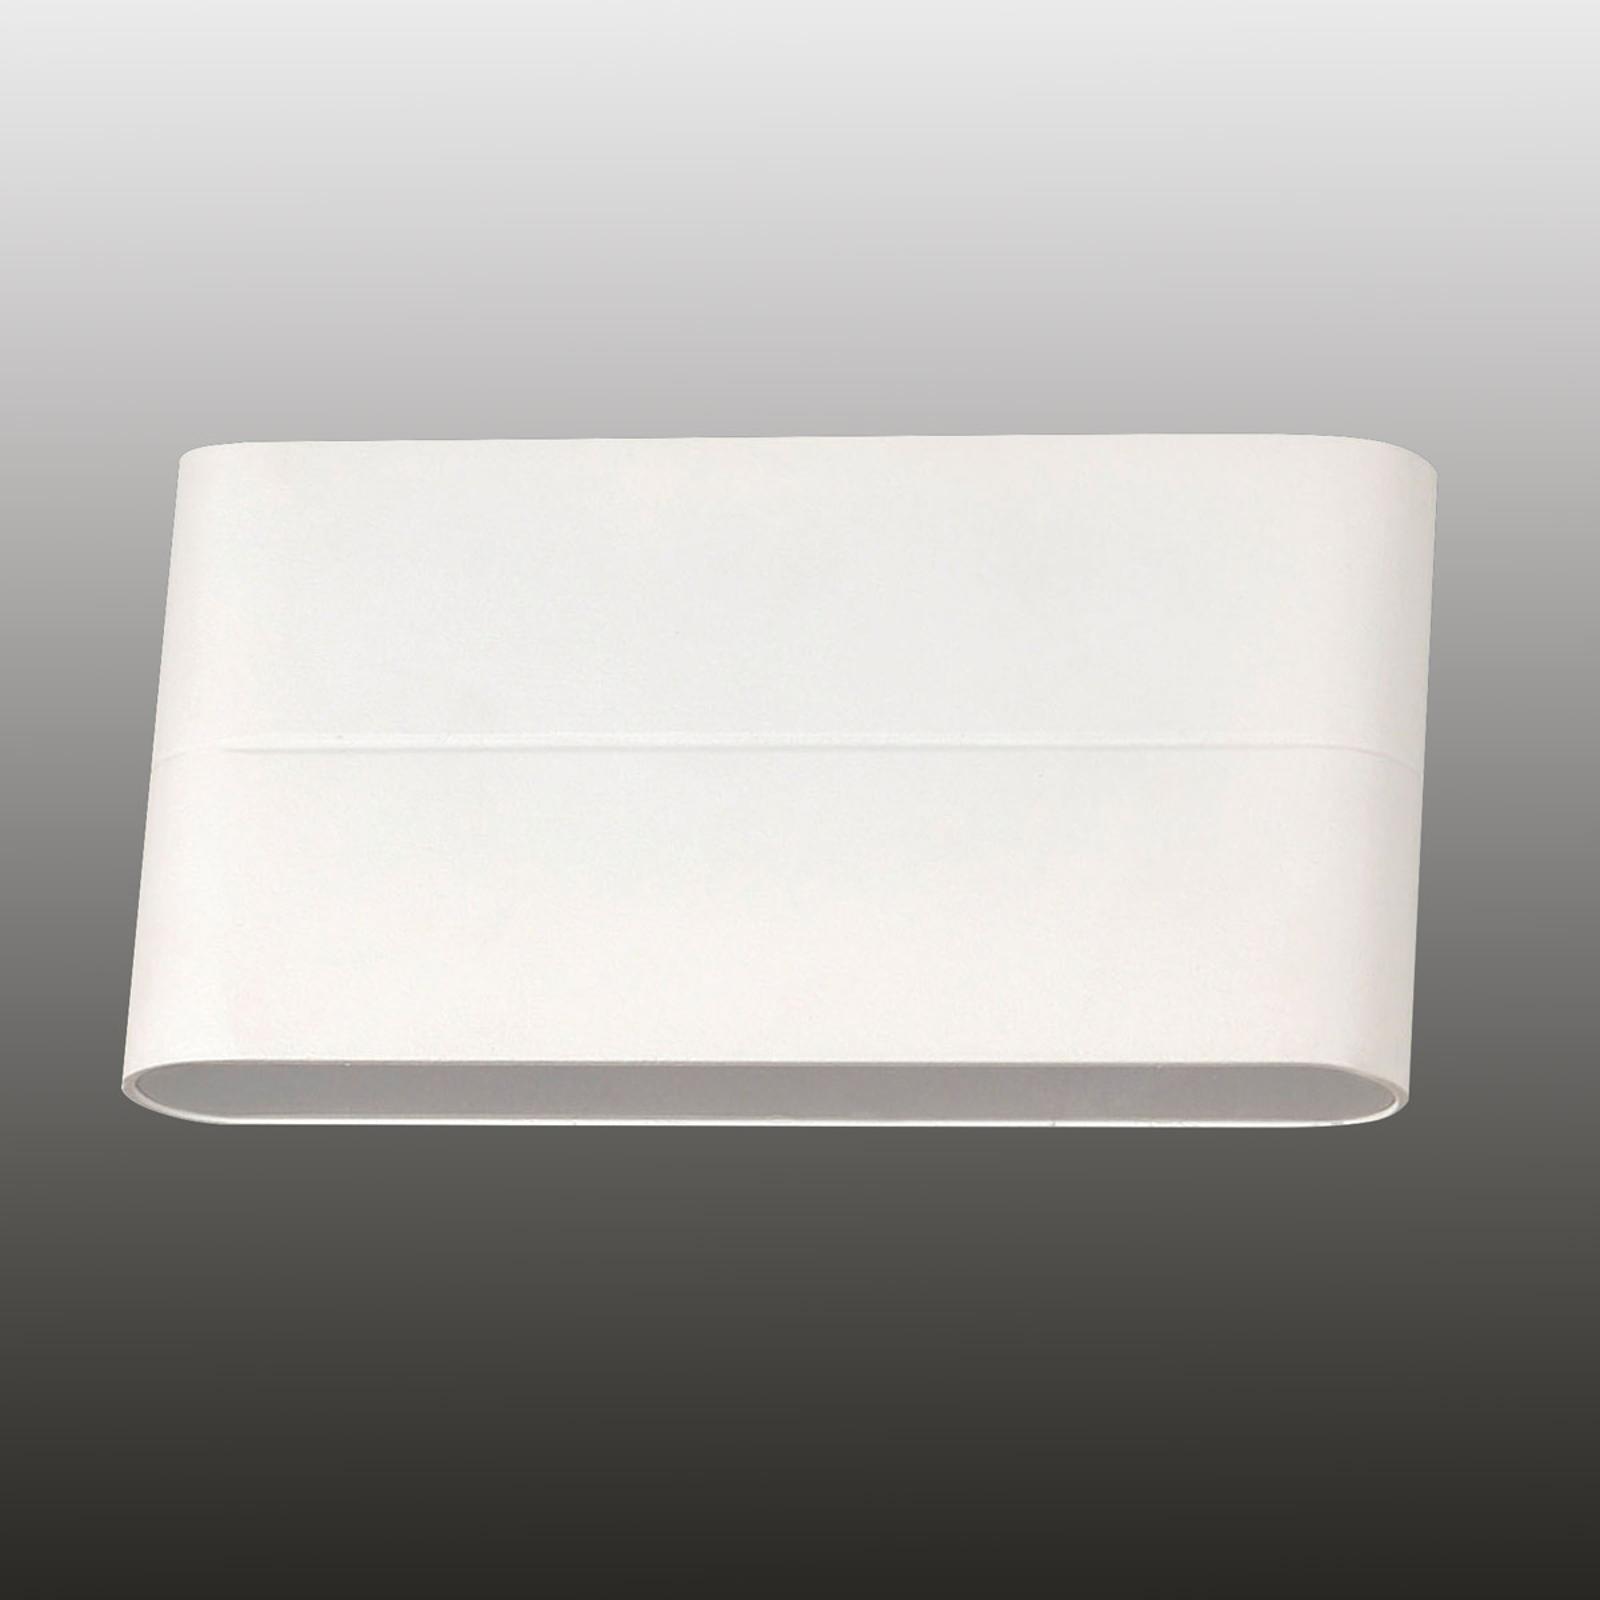 LED venkovní nástěnné světlo Casper, bílá